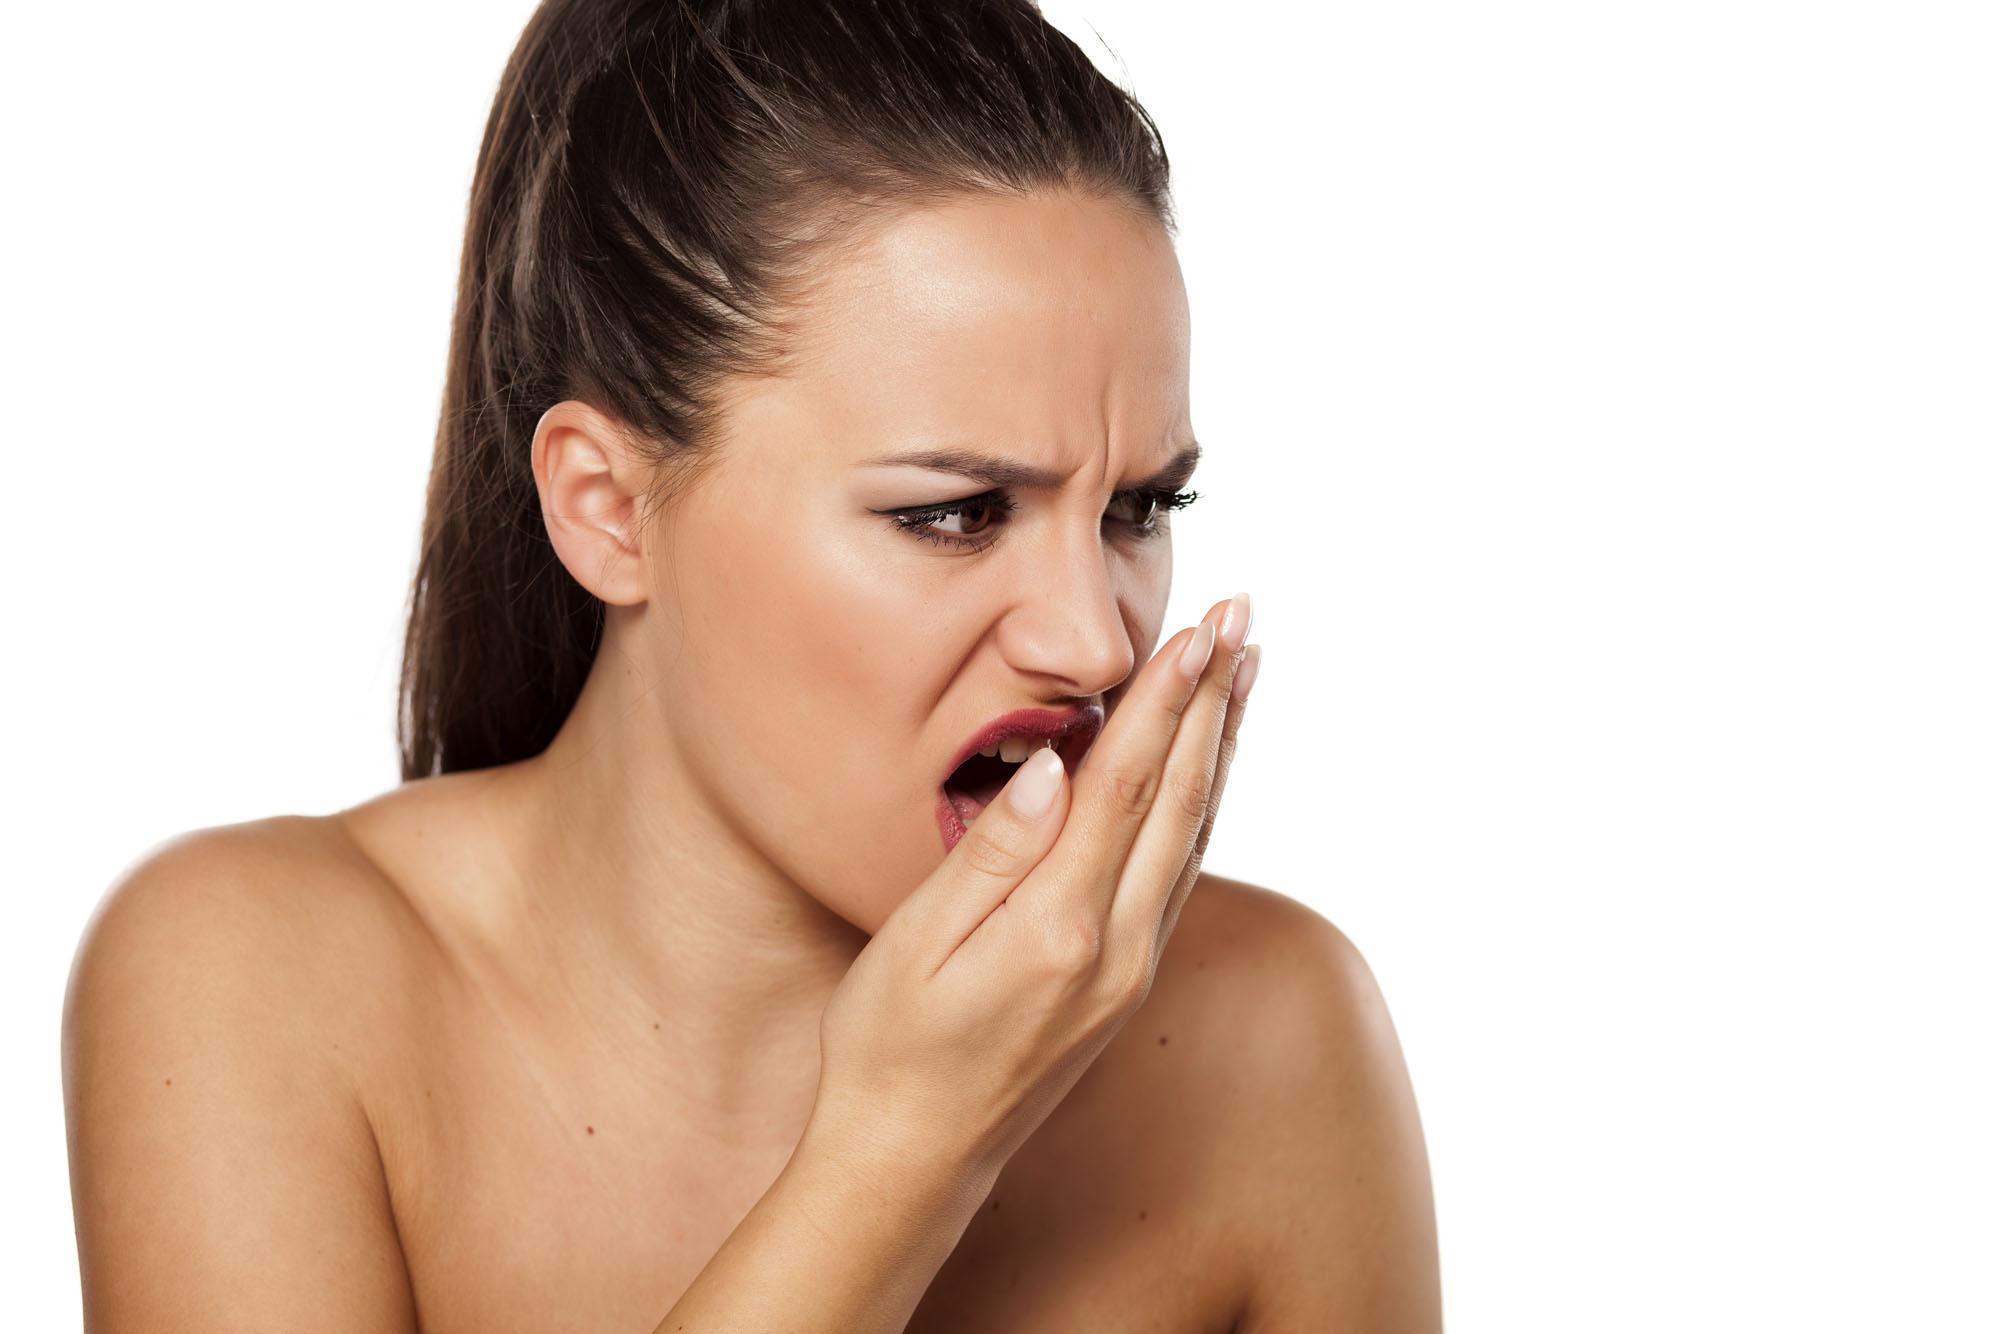 Как сделать чтобы изо рта не пахло чесноком изо рта